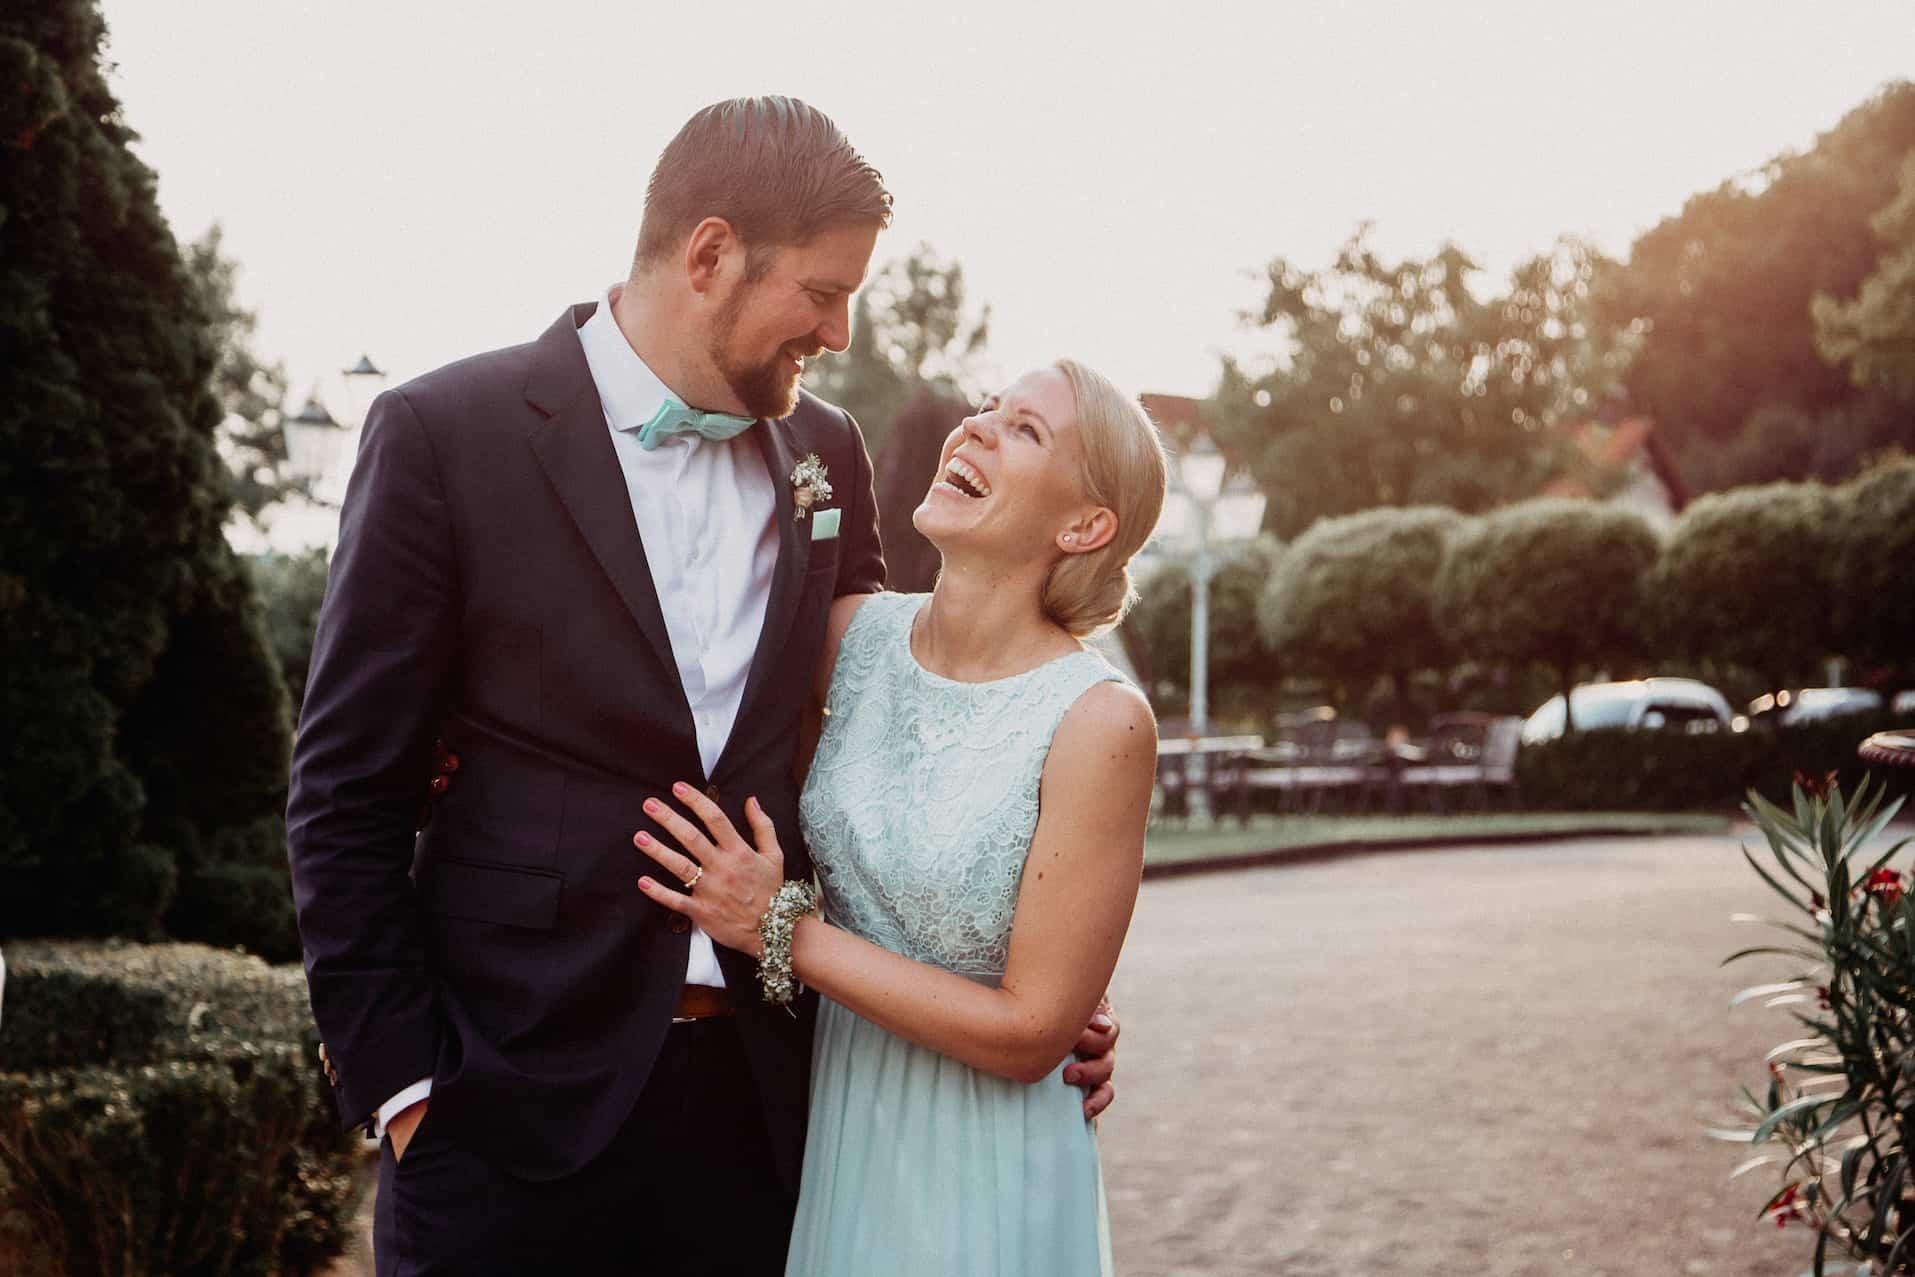 Hochzeit von Laura und Marco in Münster: Paar die lachen